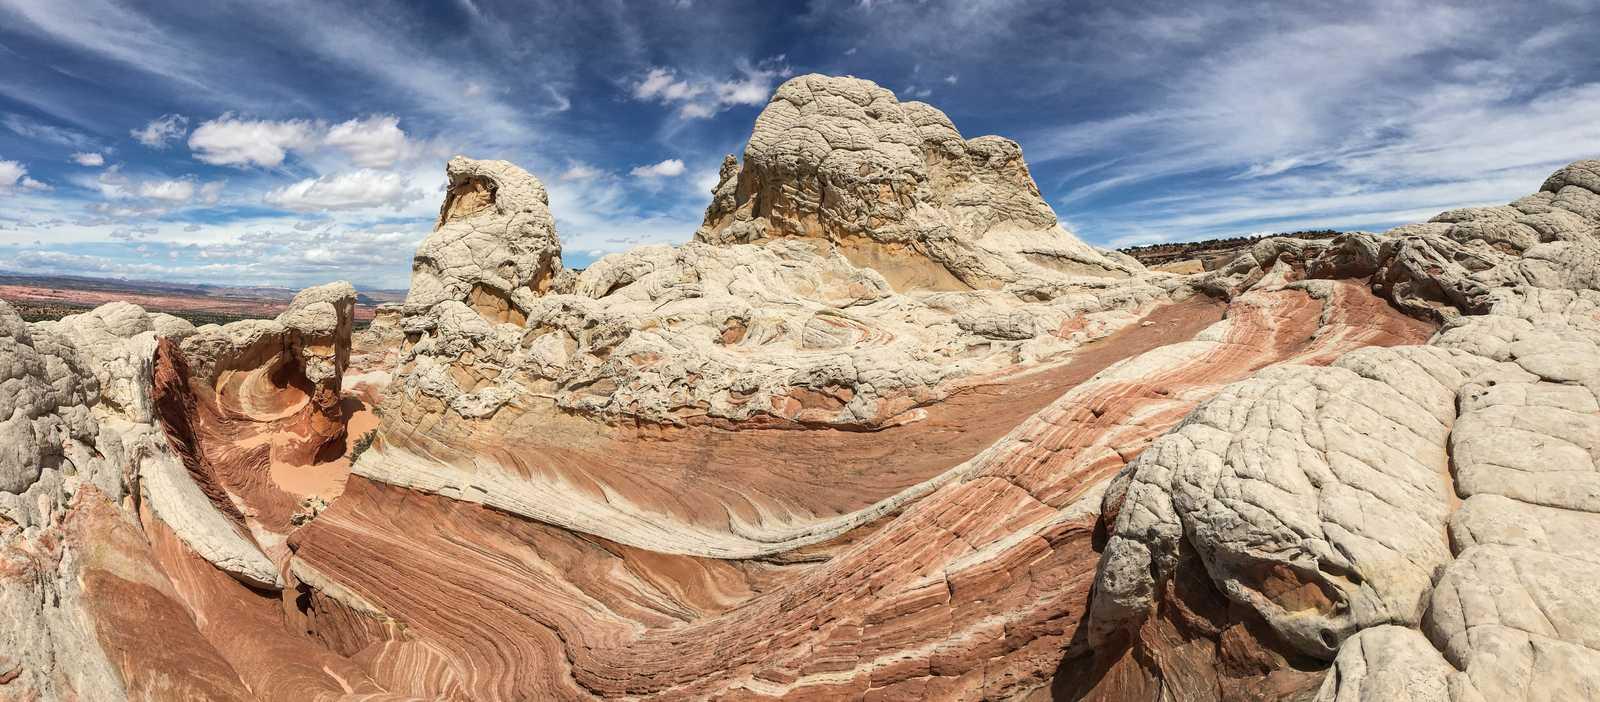 White Pocket im Vermillion Cliffs National Monument in Arizona